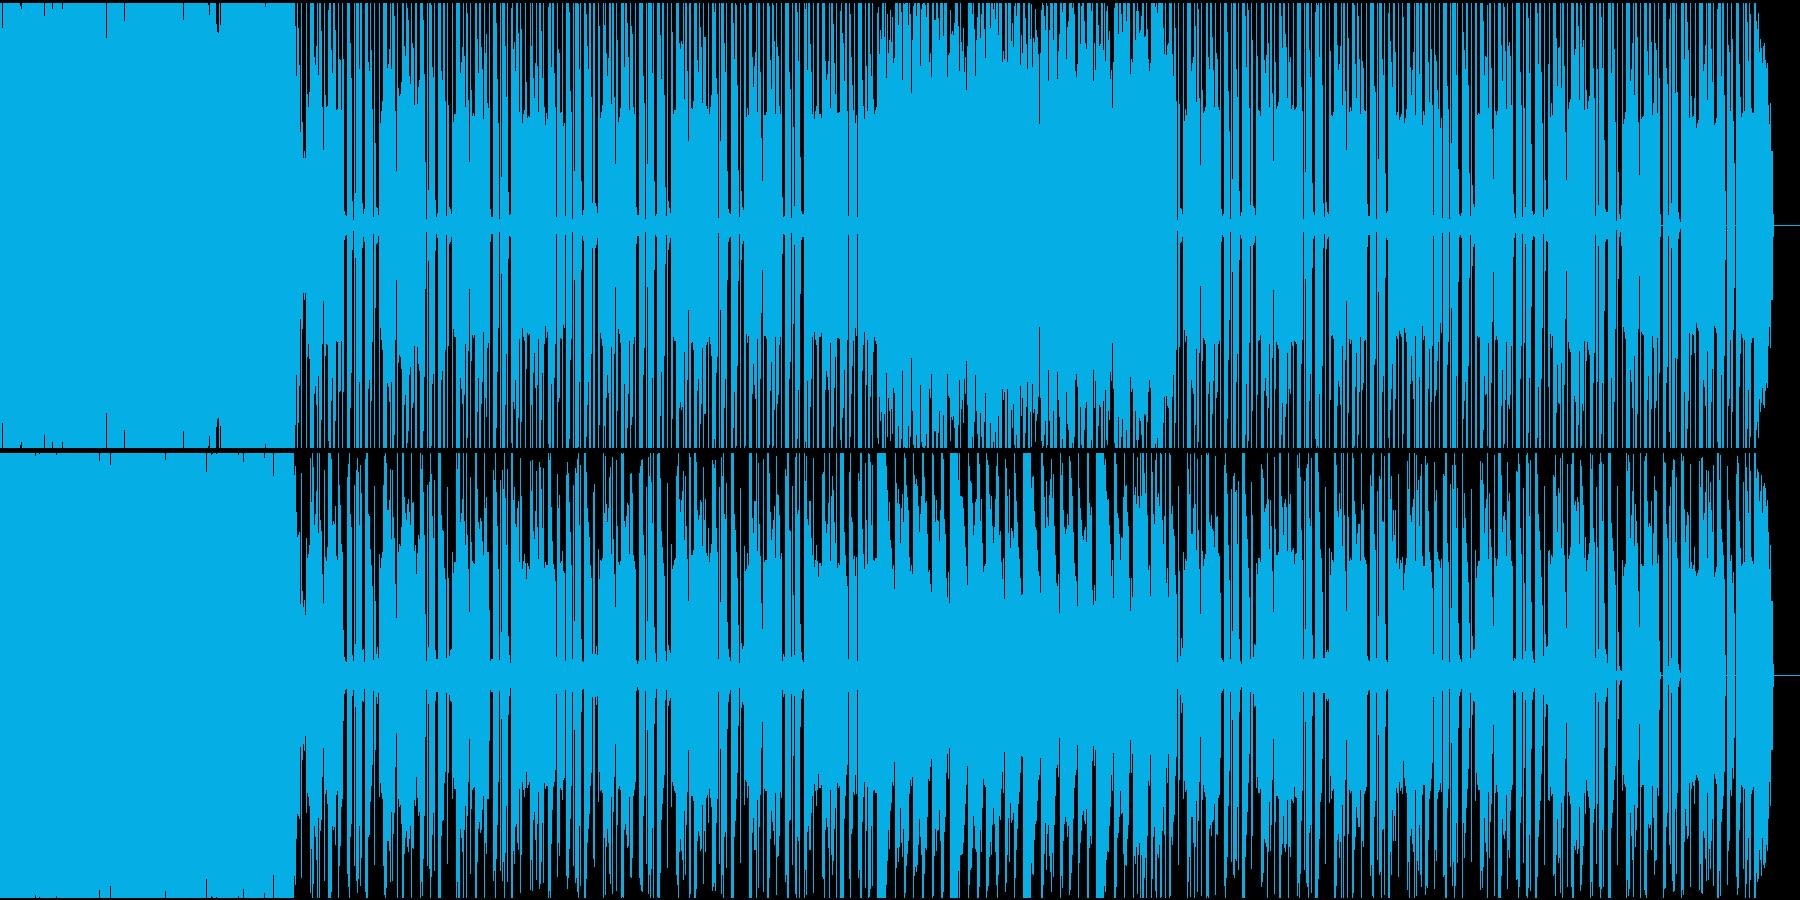 特徴的なシンセ音を使った可愛いポップ曲の再生済みの波形